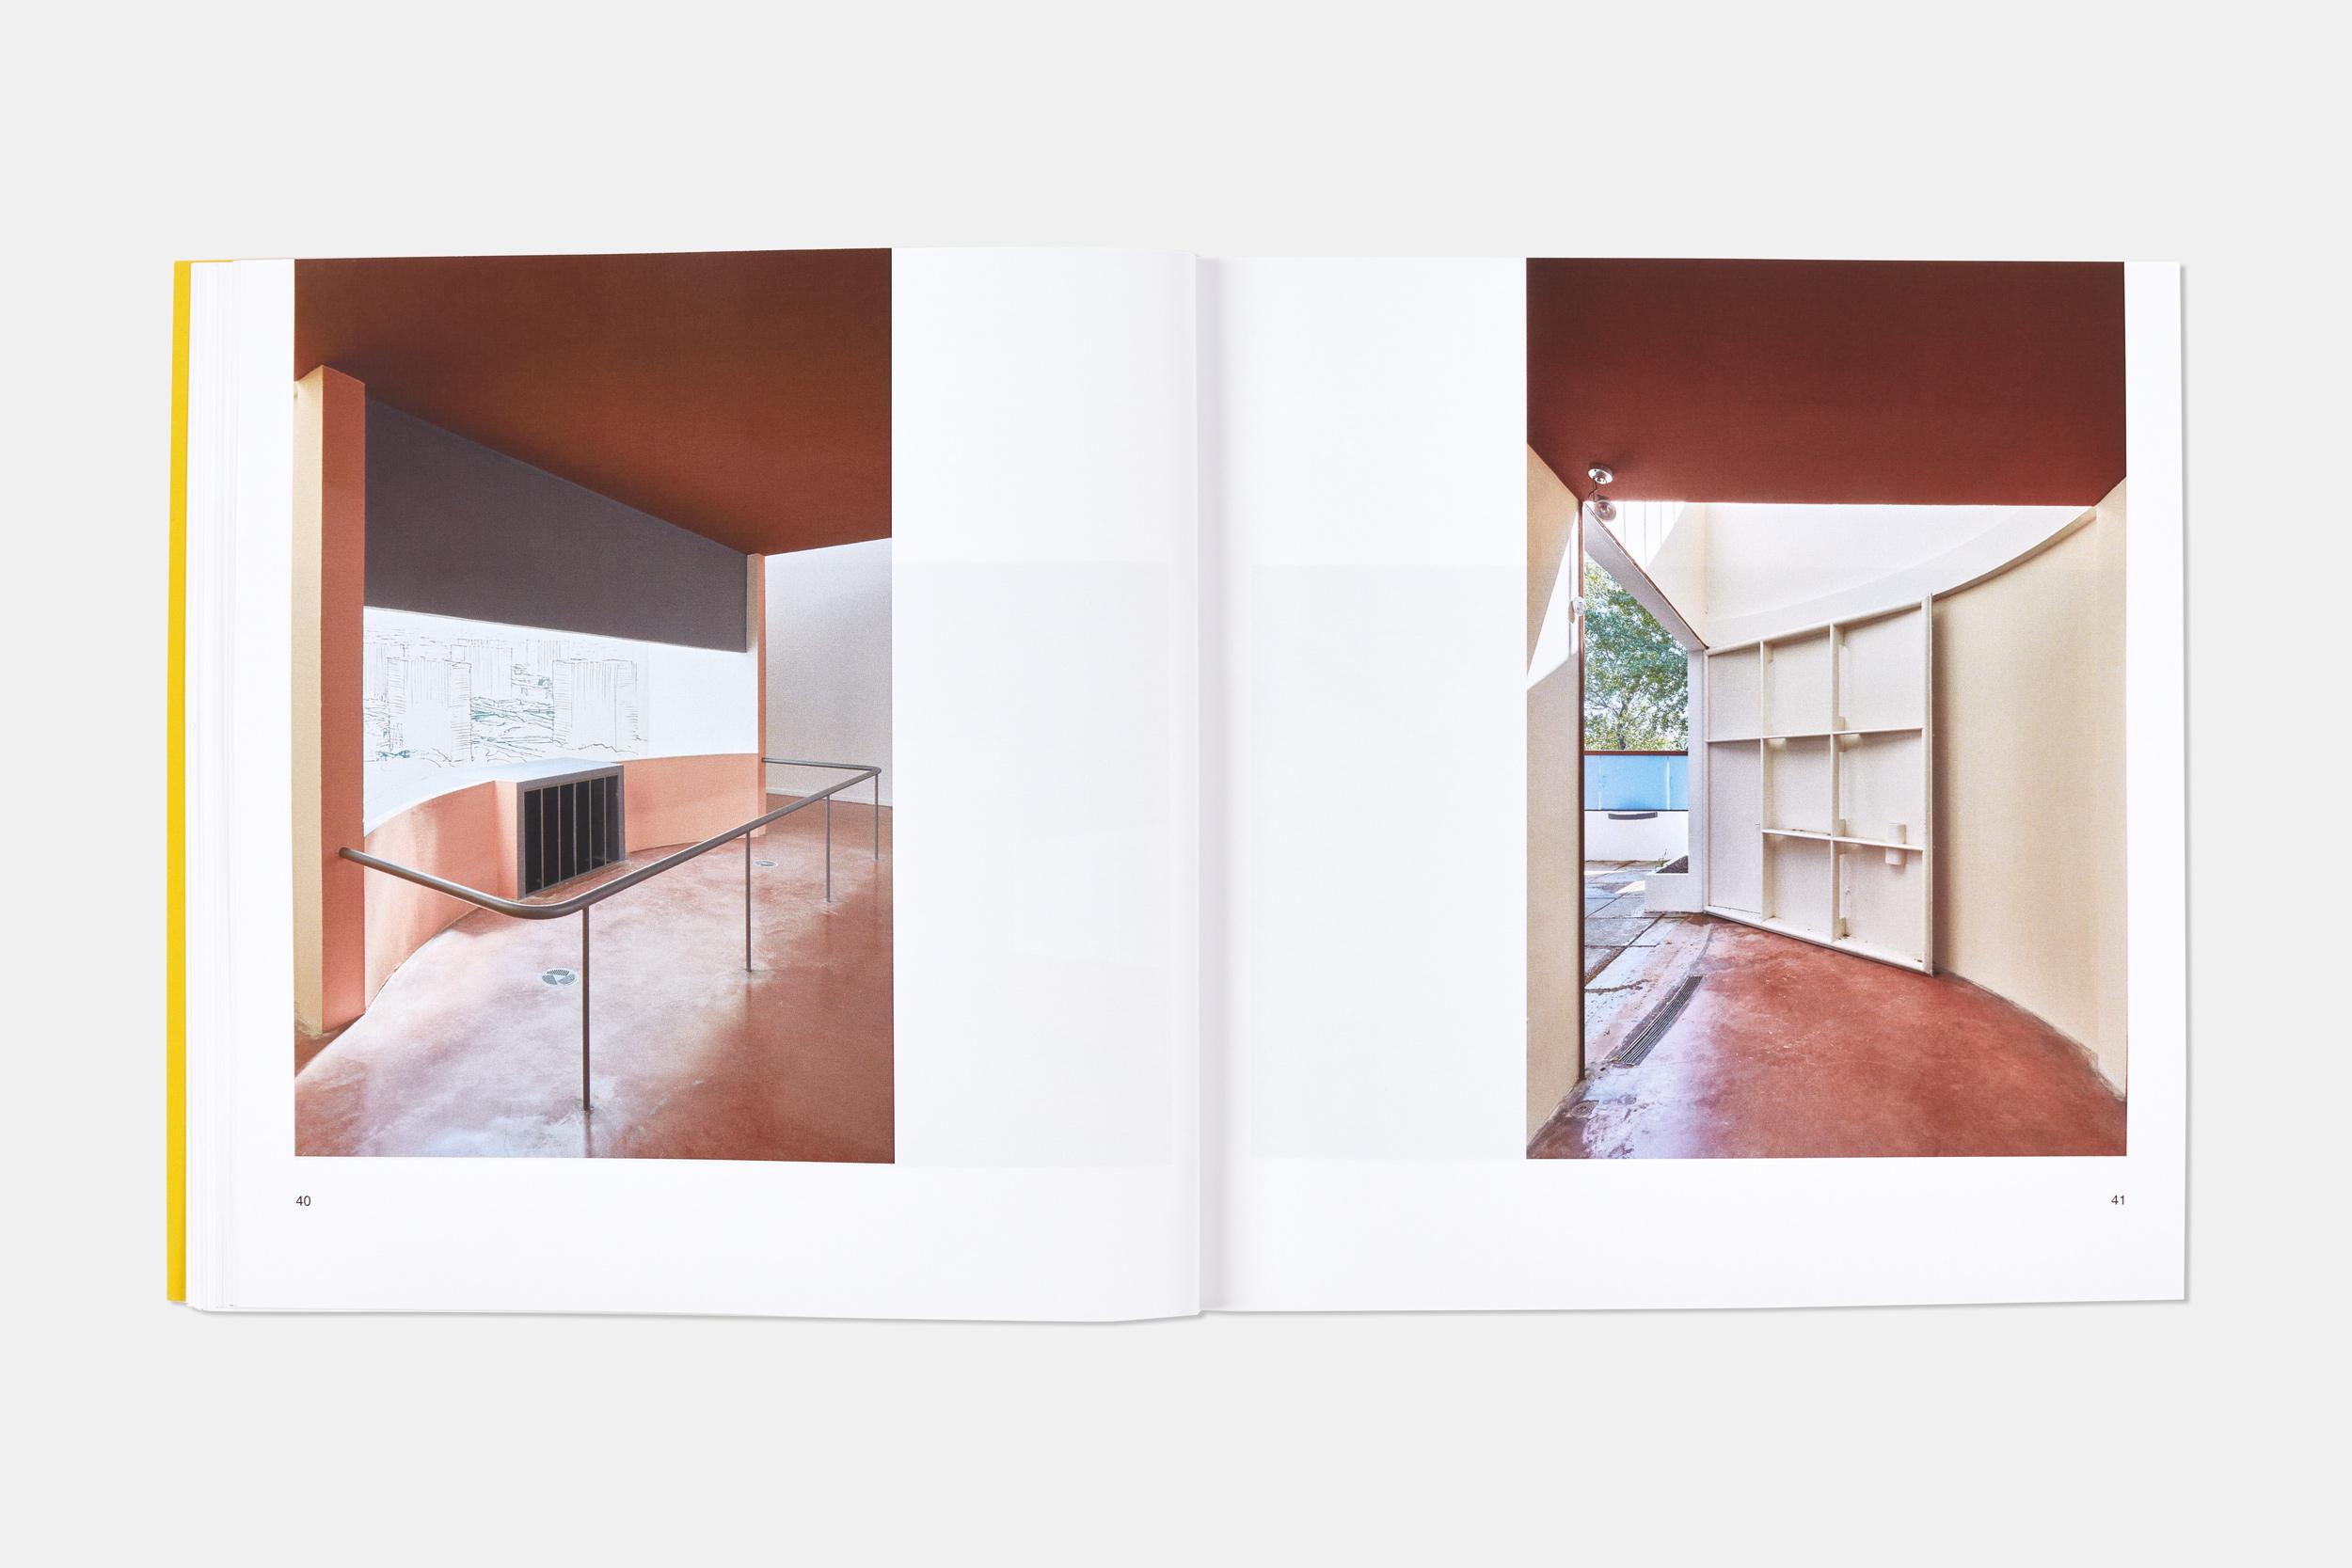 Federico_Covre_Le_Corbusier_Phoenix_Book_Esprit_Nouveau_2018_14